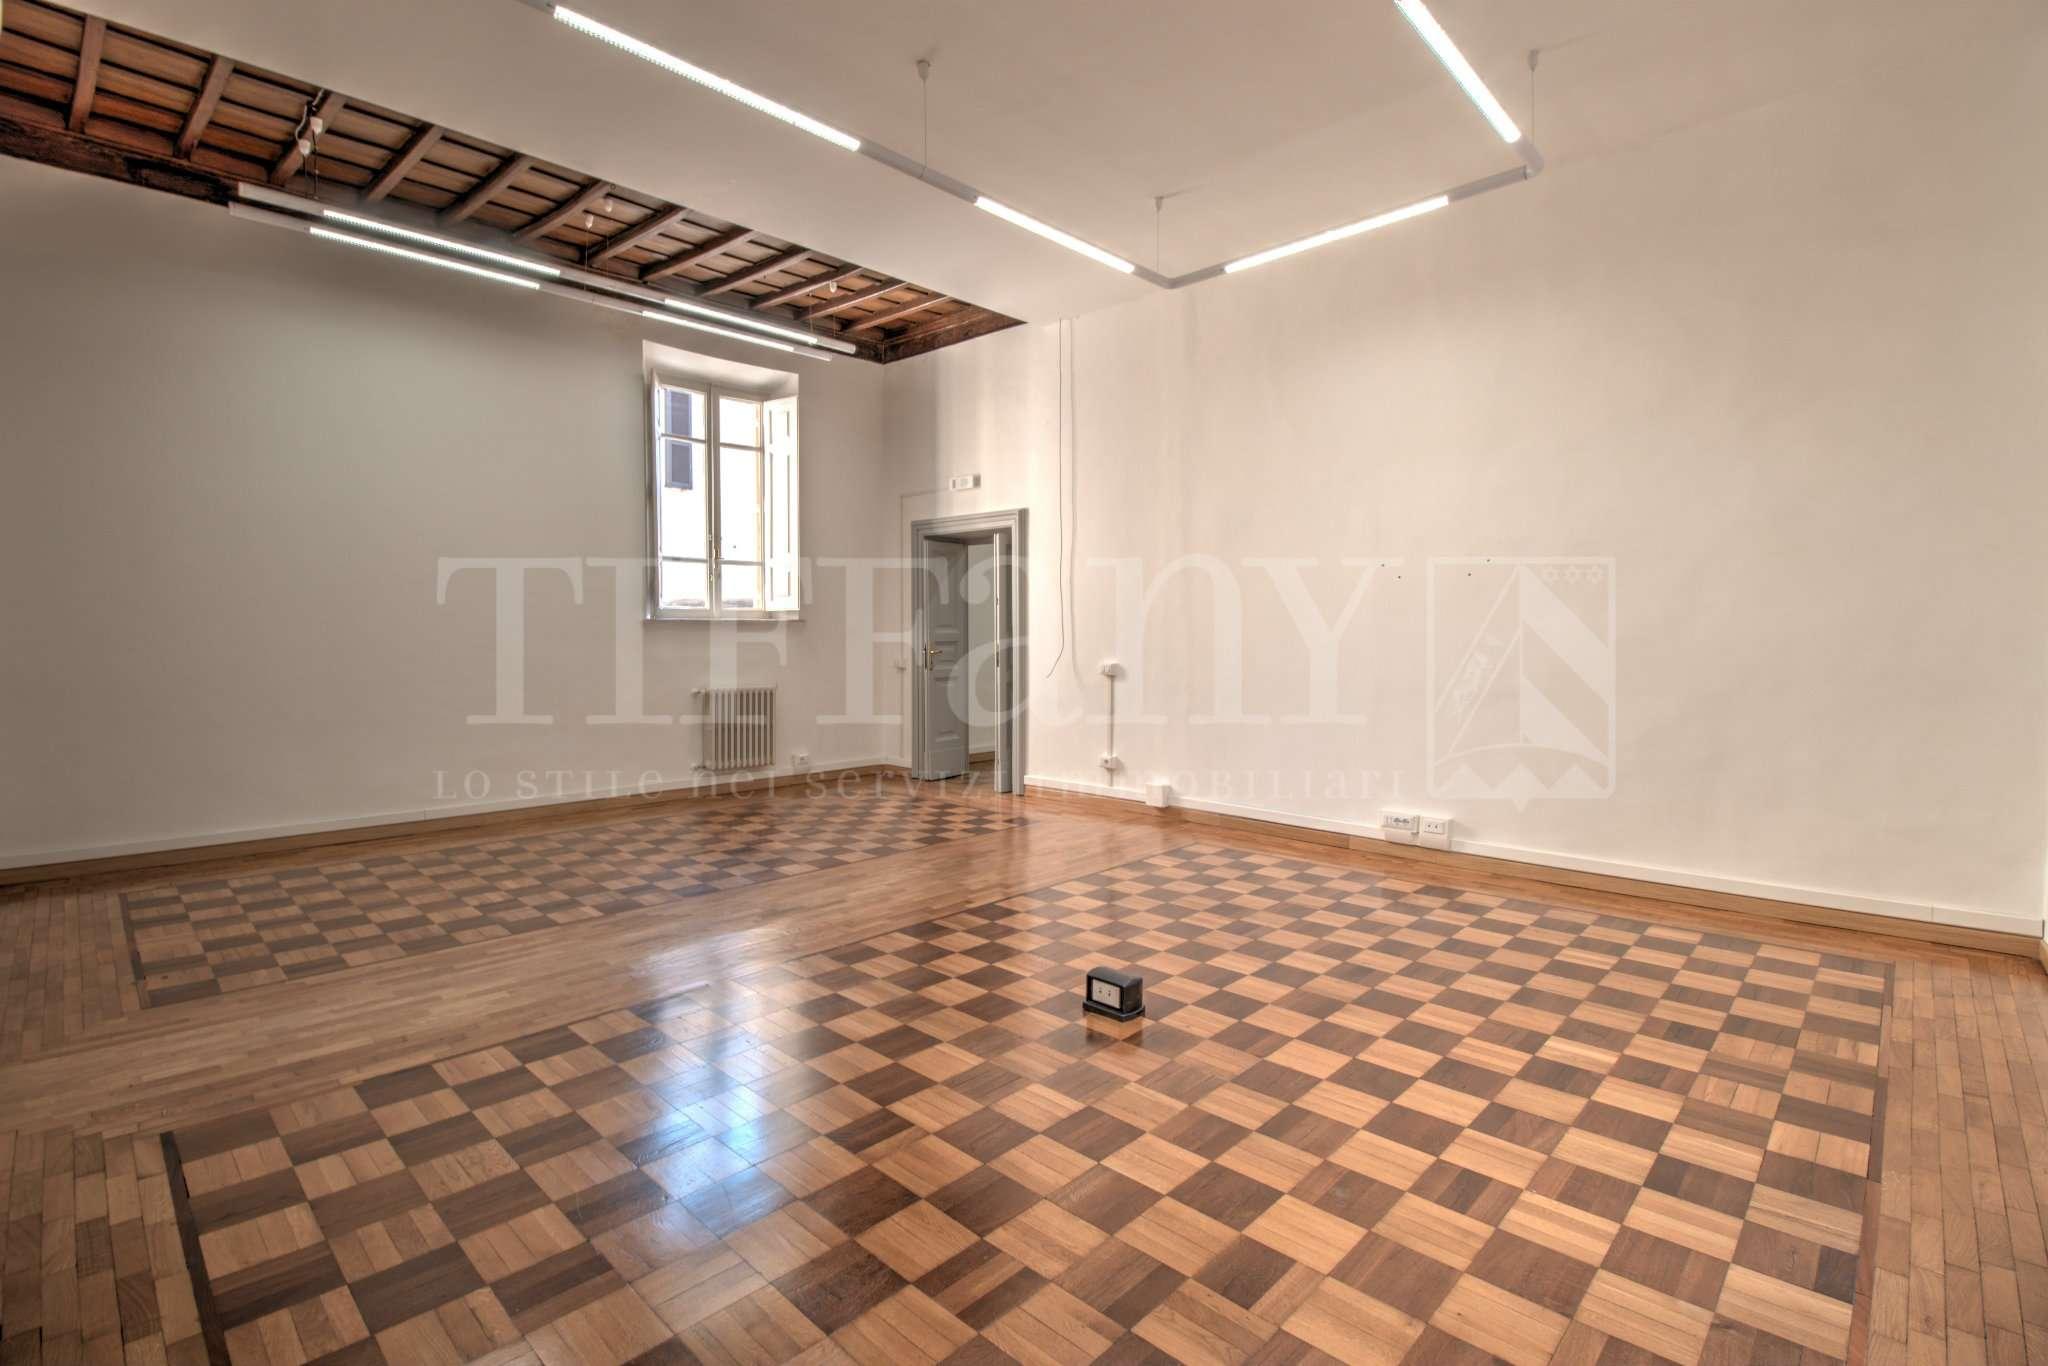 Ufficio di 200 mq ristrutturato all'interno di un elegante palazzo storico Rif. 8911593